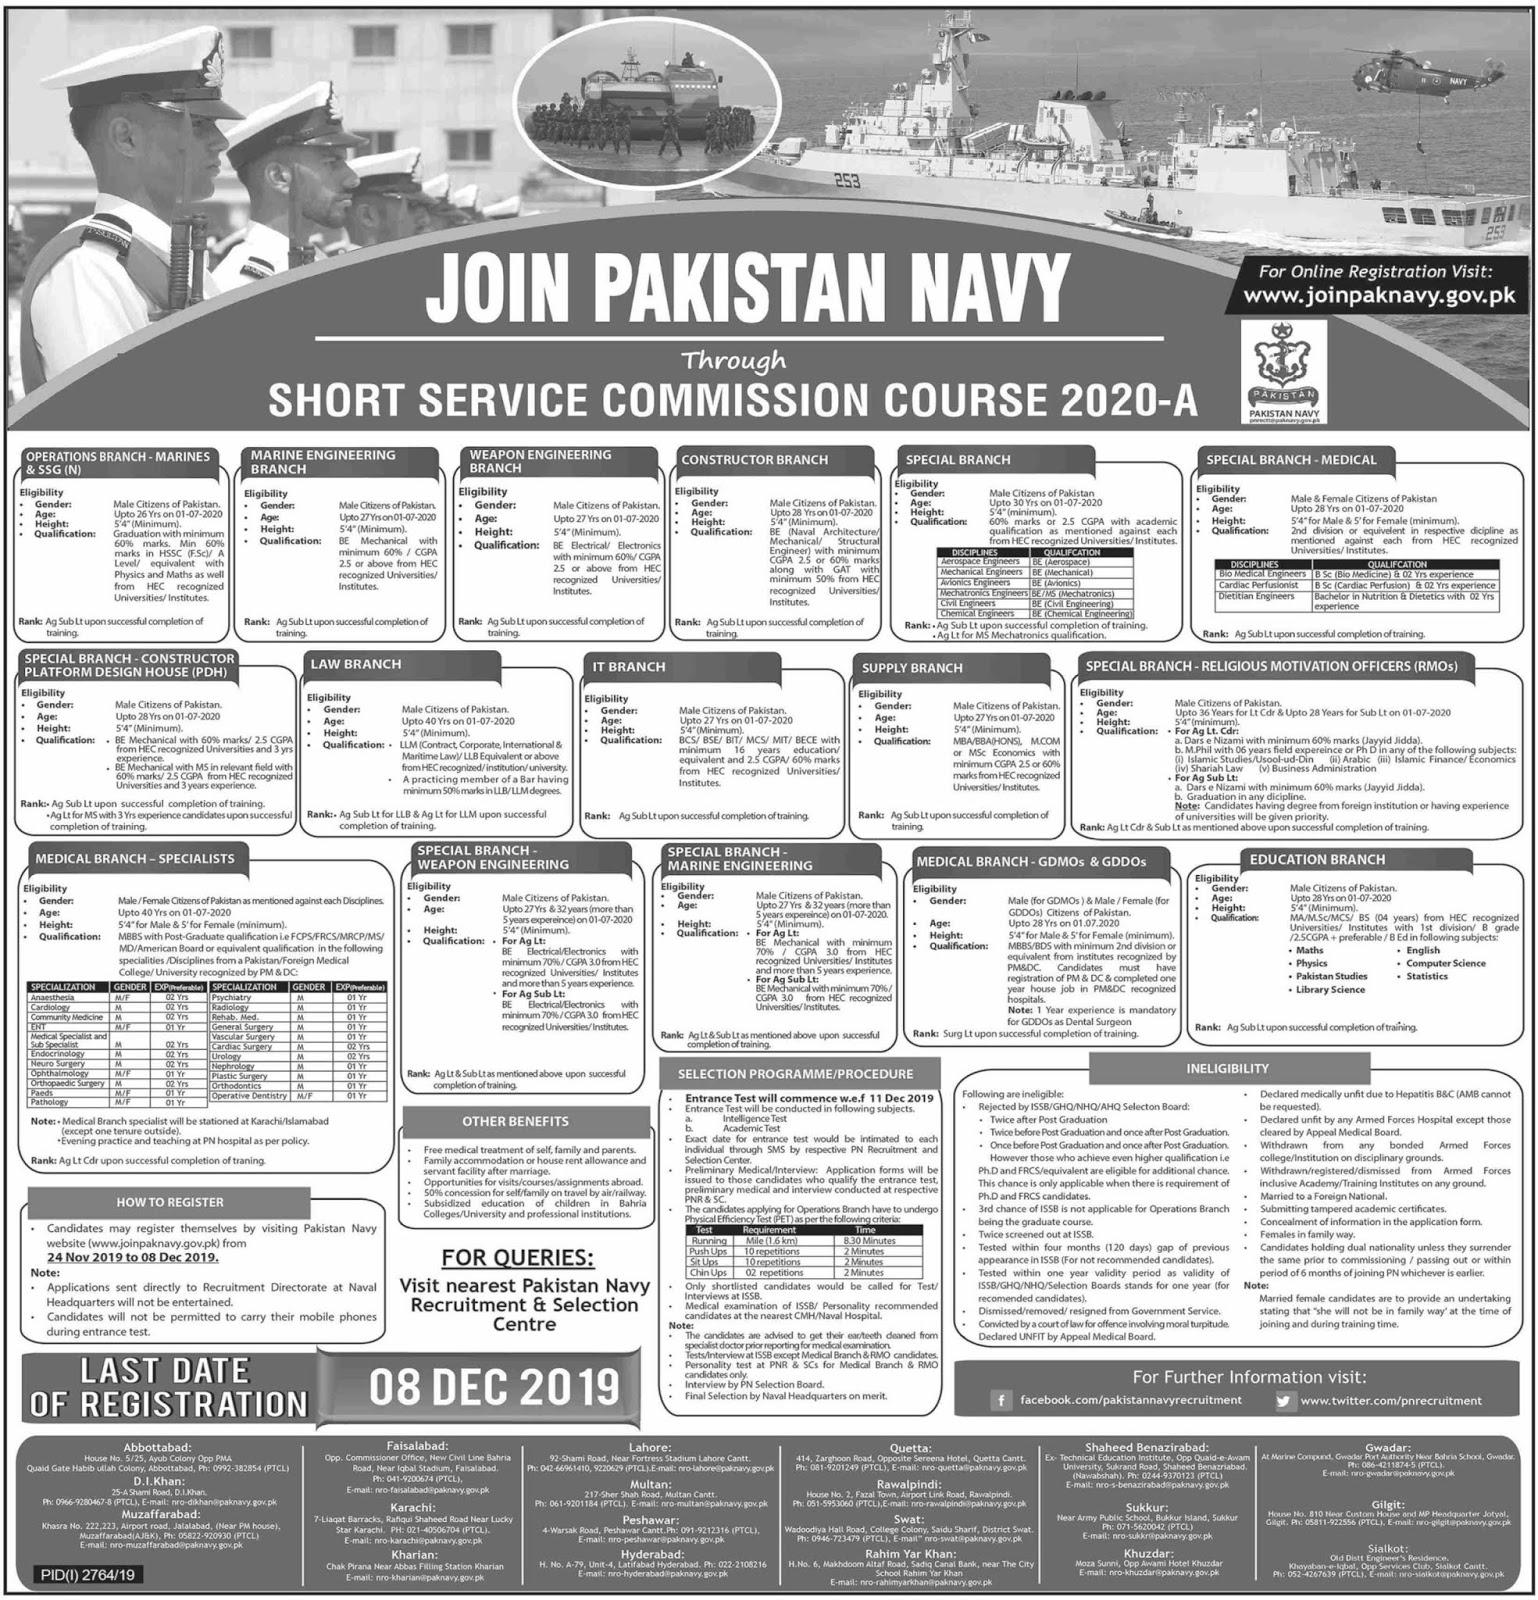 Join Pakistan Navy Jobs